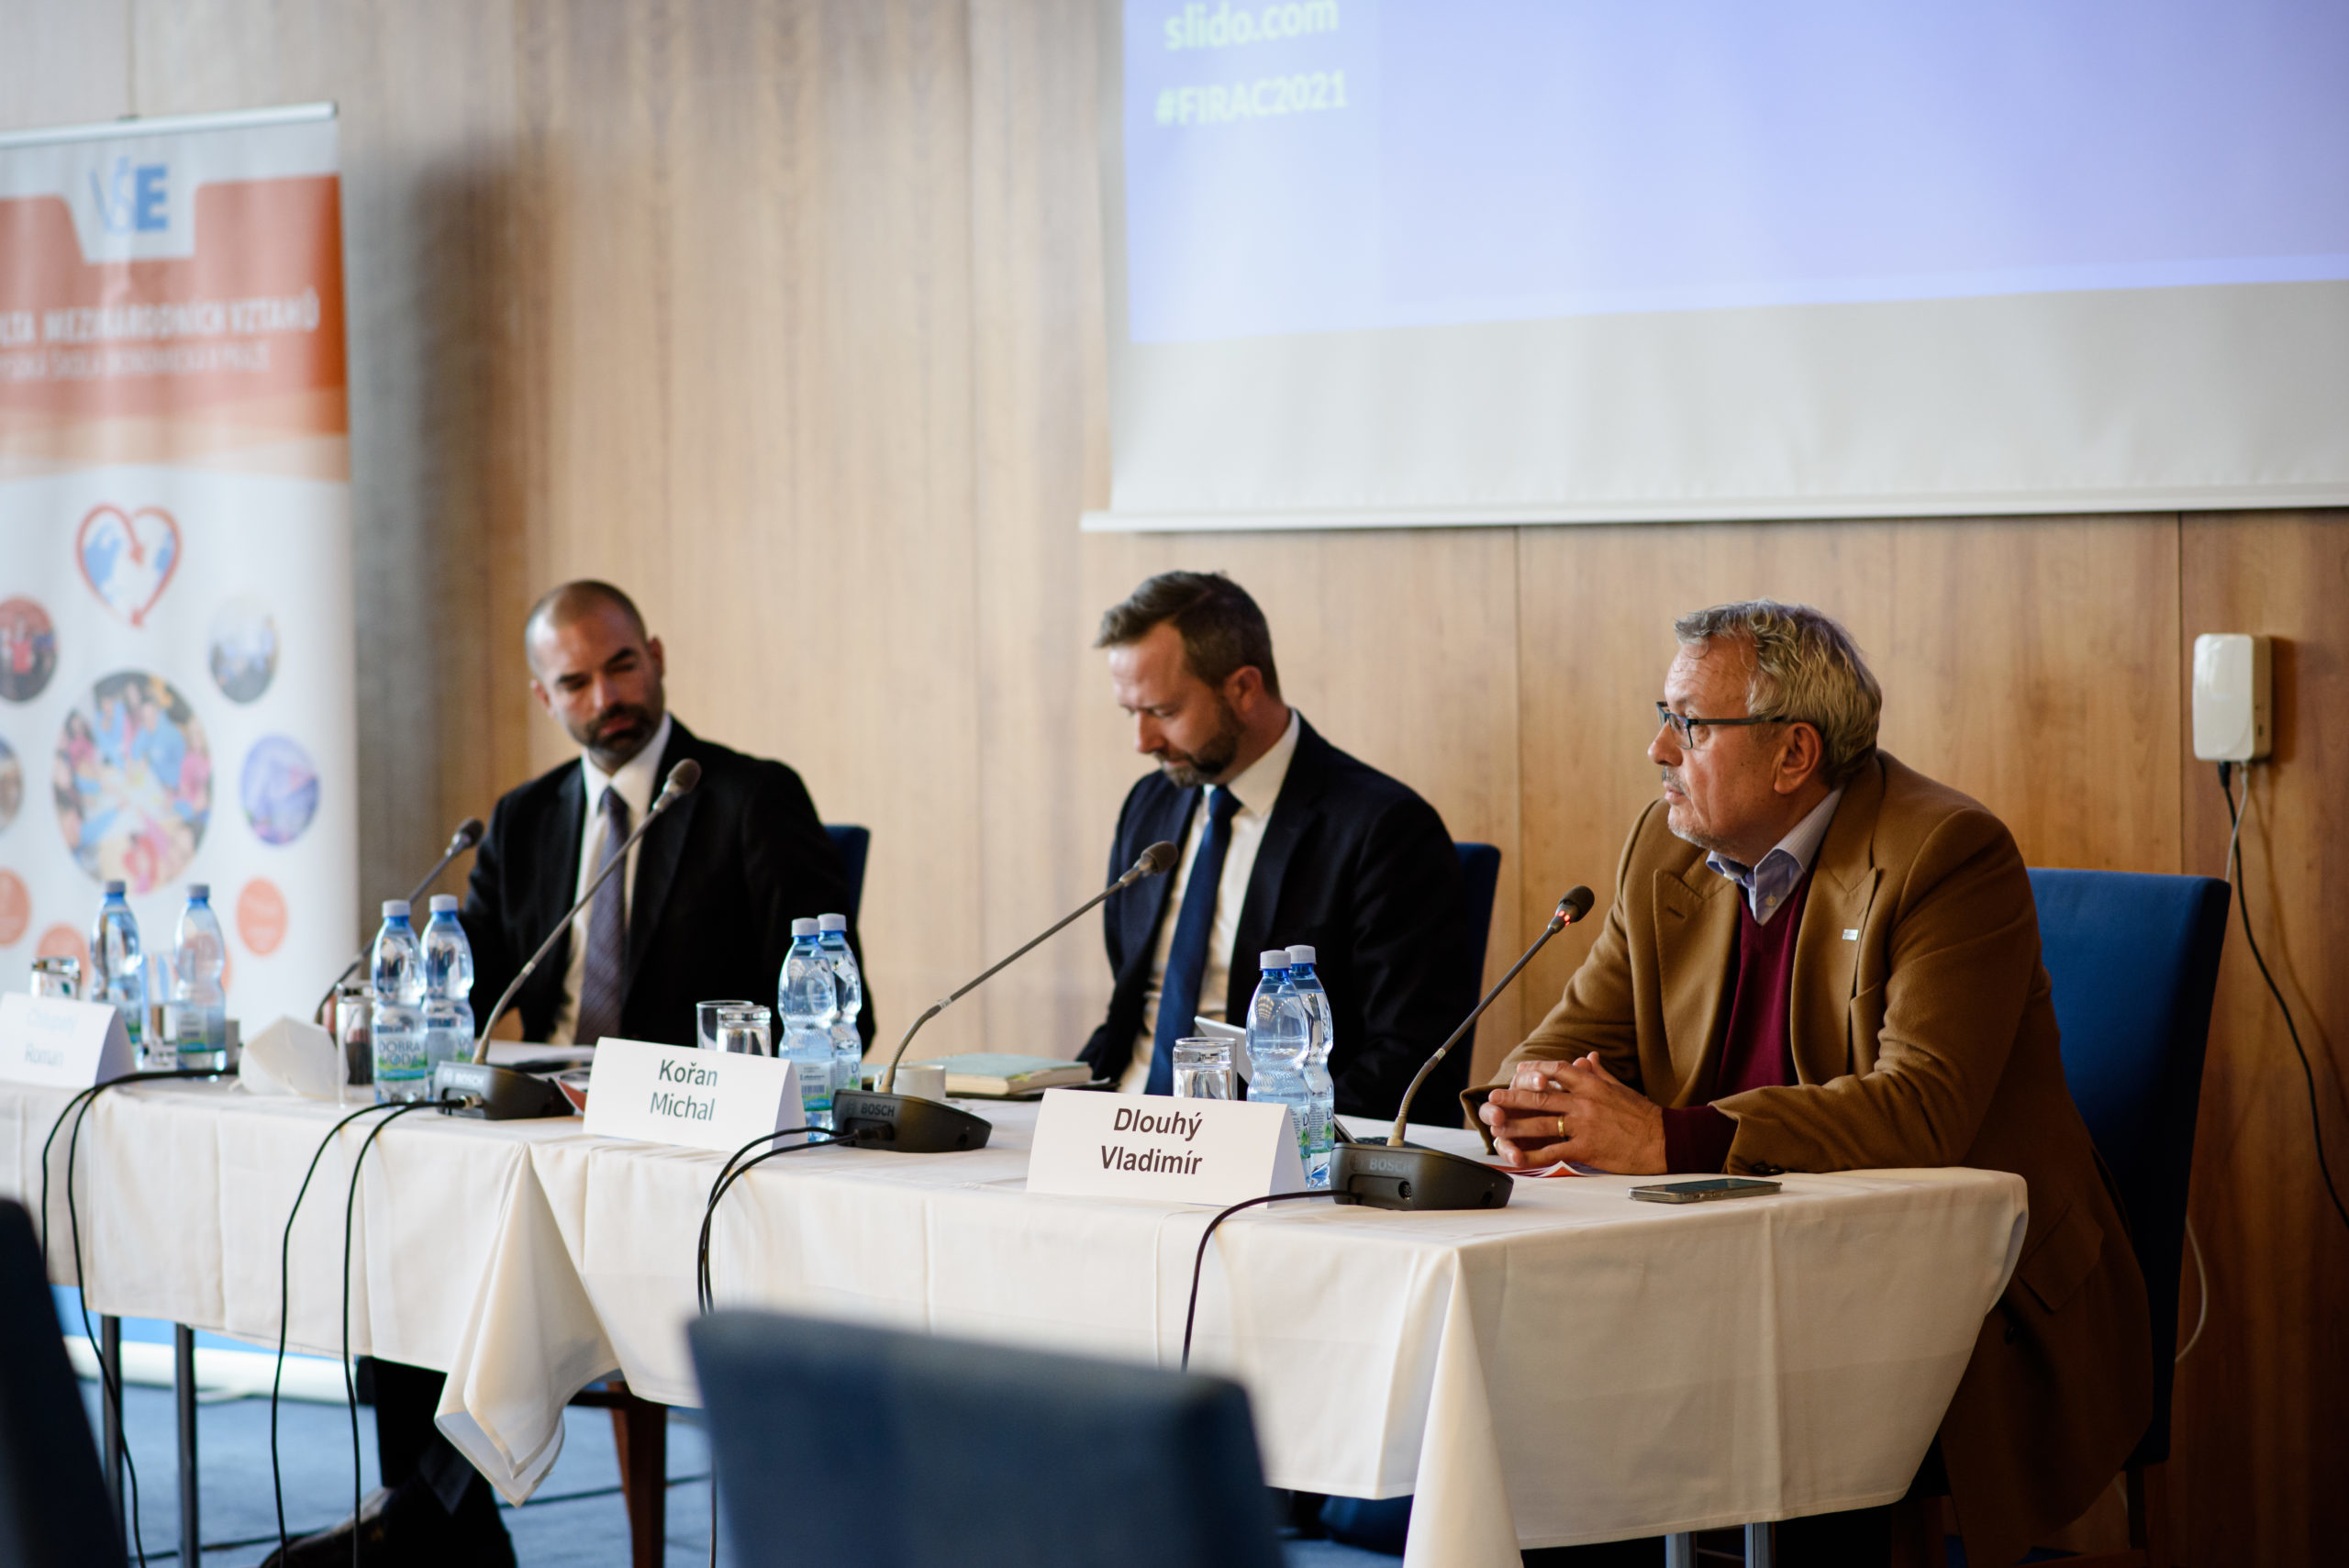 Deglobalizace, dodavatelské řetězce a pokovidová politika. Podívejte se na záznam z FIR Annual Conference 2021!